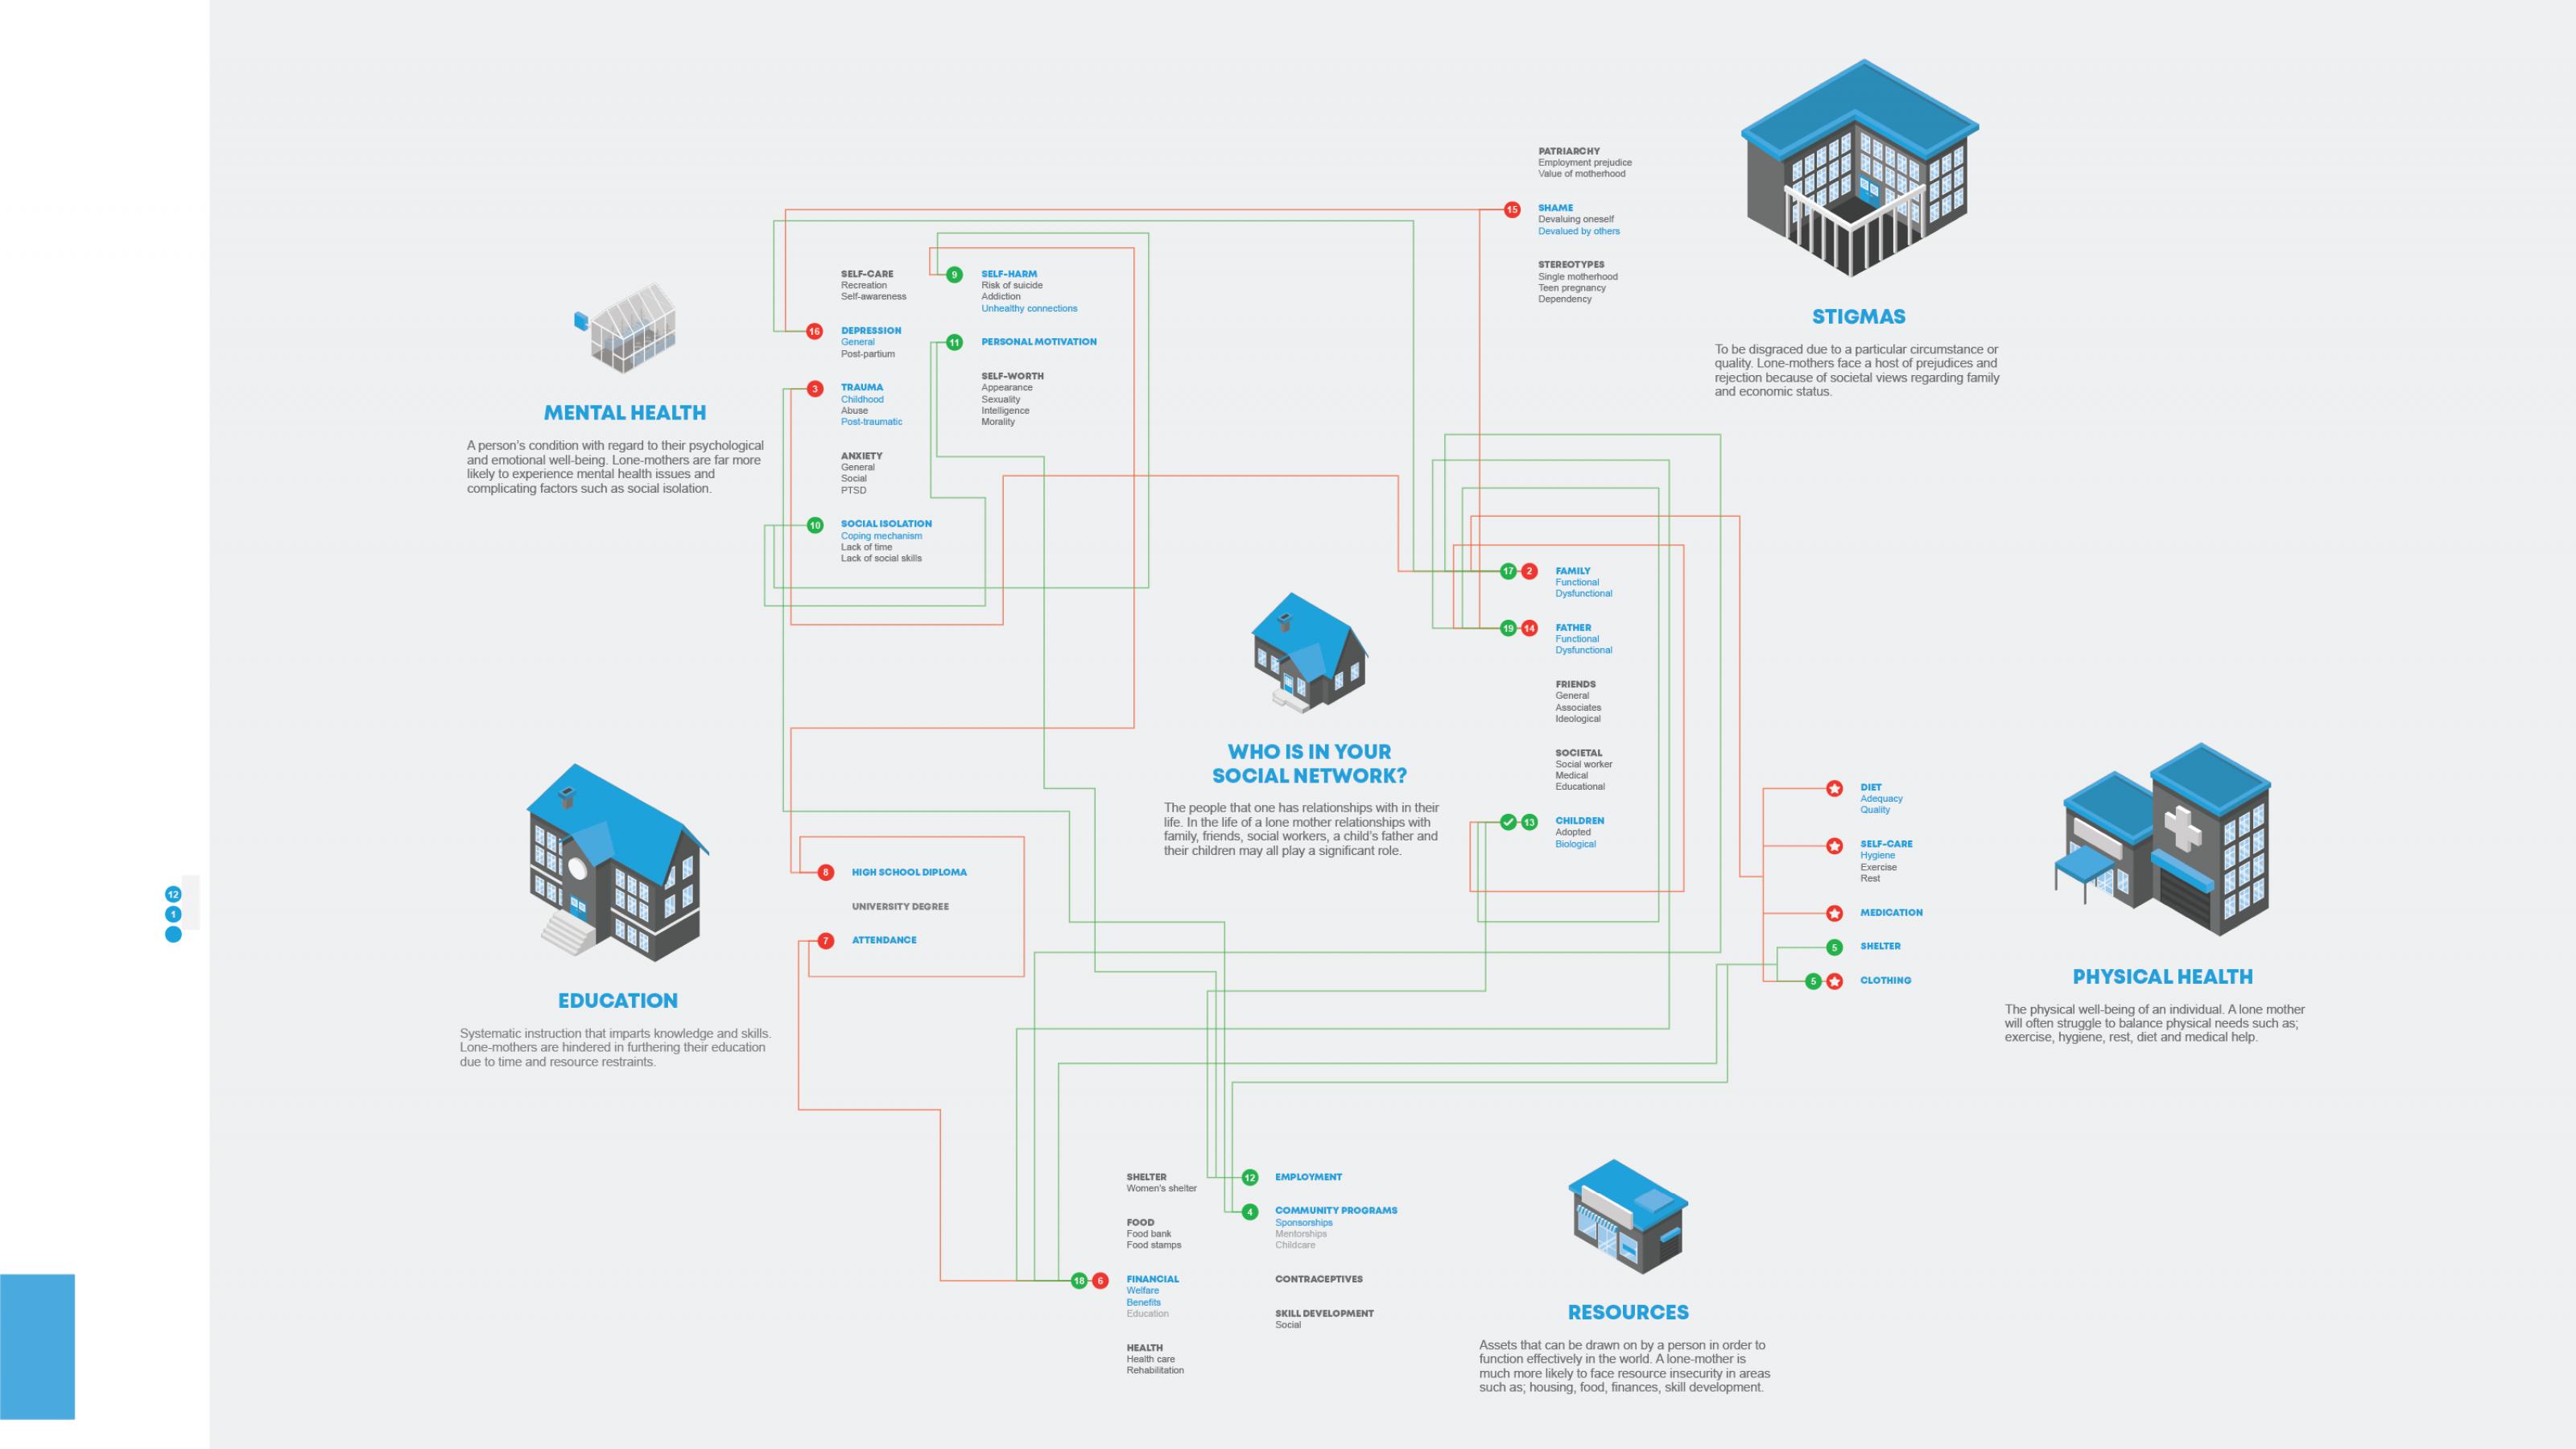 Nguyen-Gina_Reinhart-Paul_System-Map